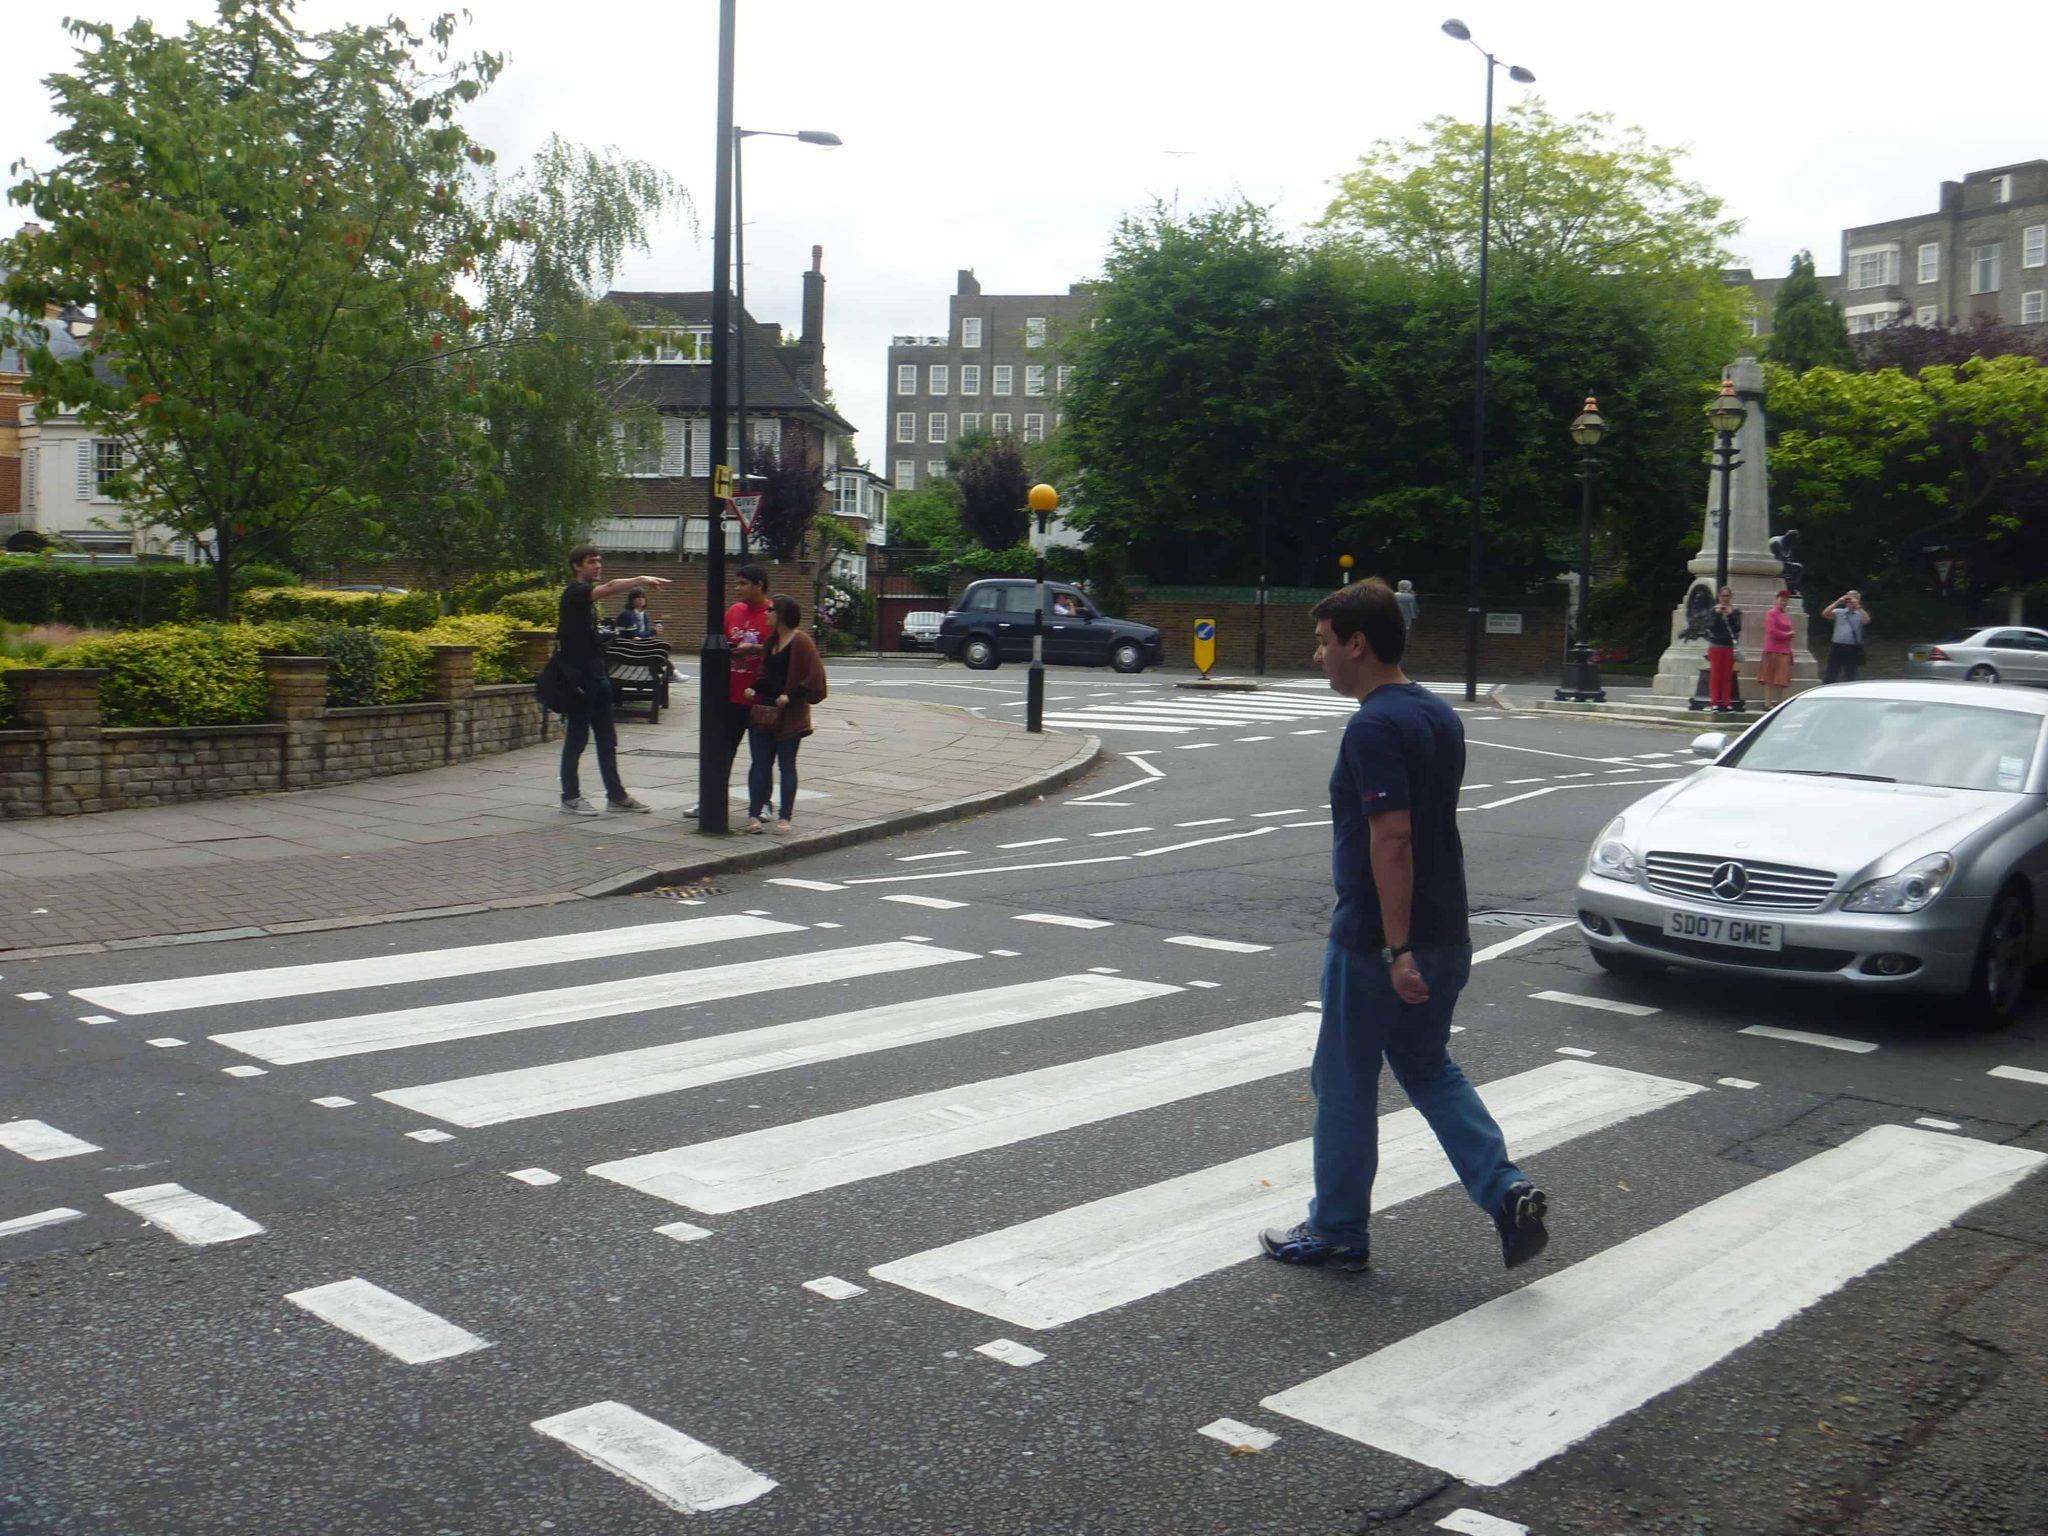 Faixa de pedestres em Abbey Road